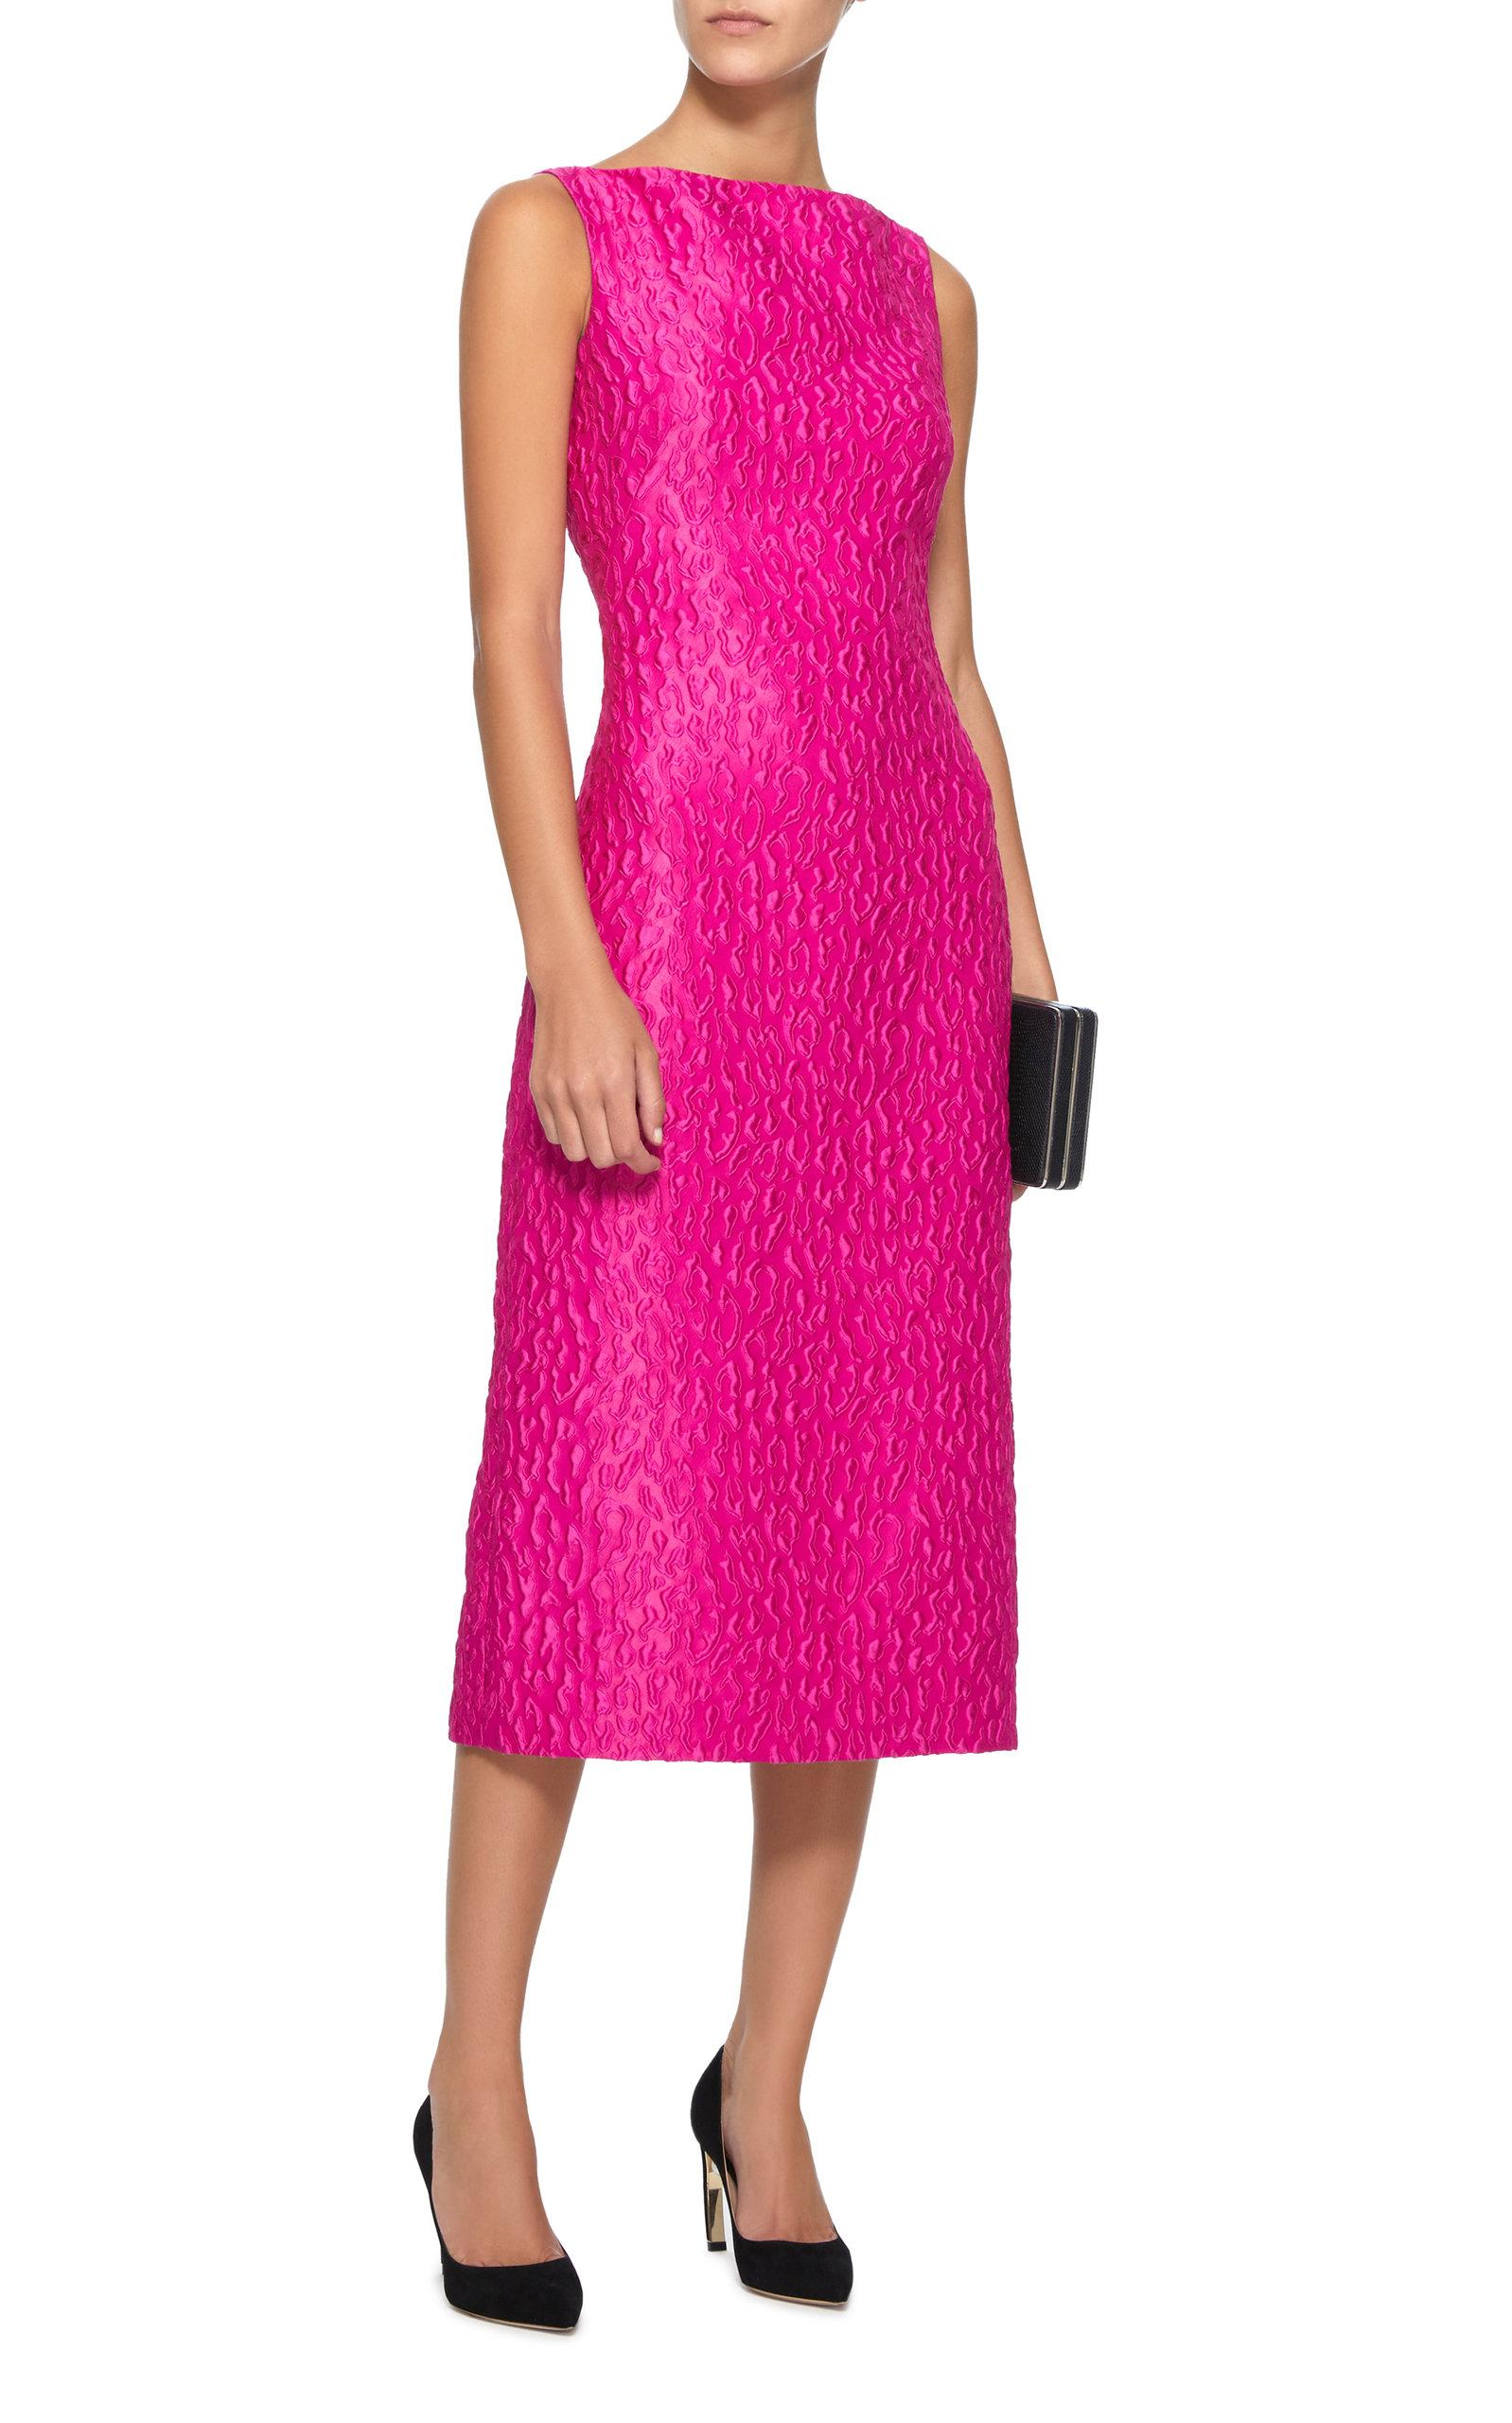 147b5f3be2c Brandon Maxwell - Pink Satin-jacquard Midi Dress - Lyst. View fullscreen